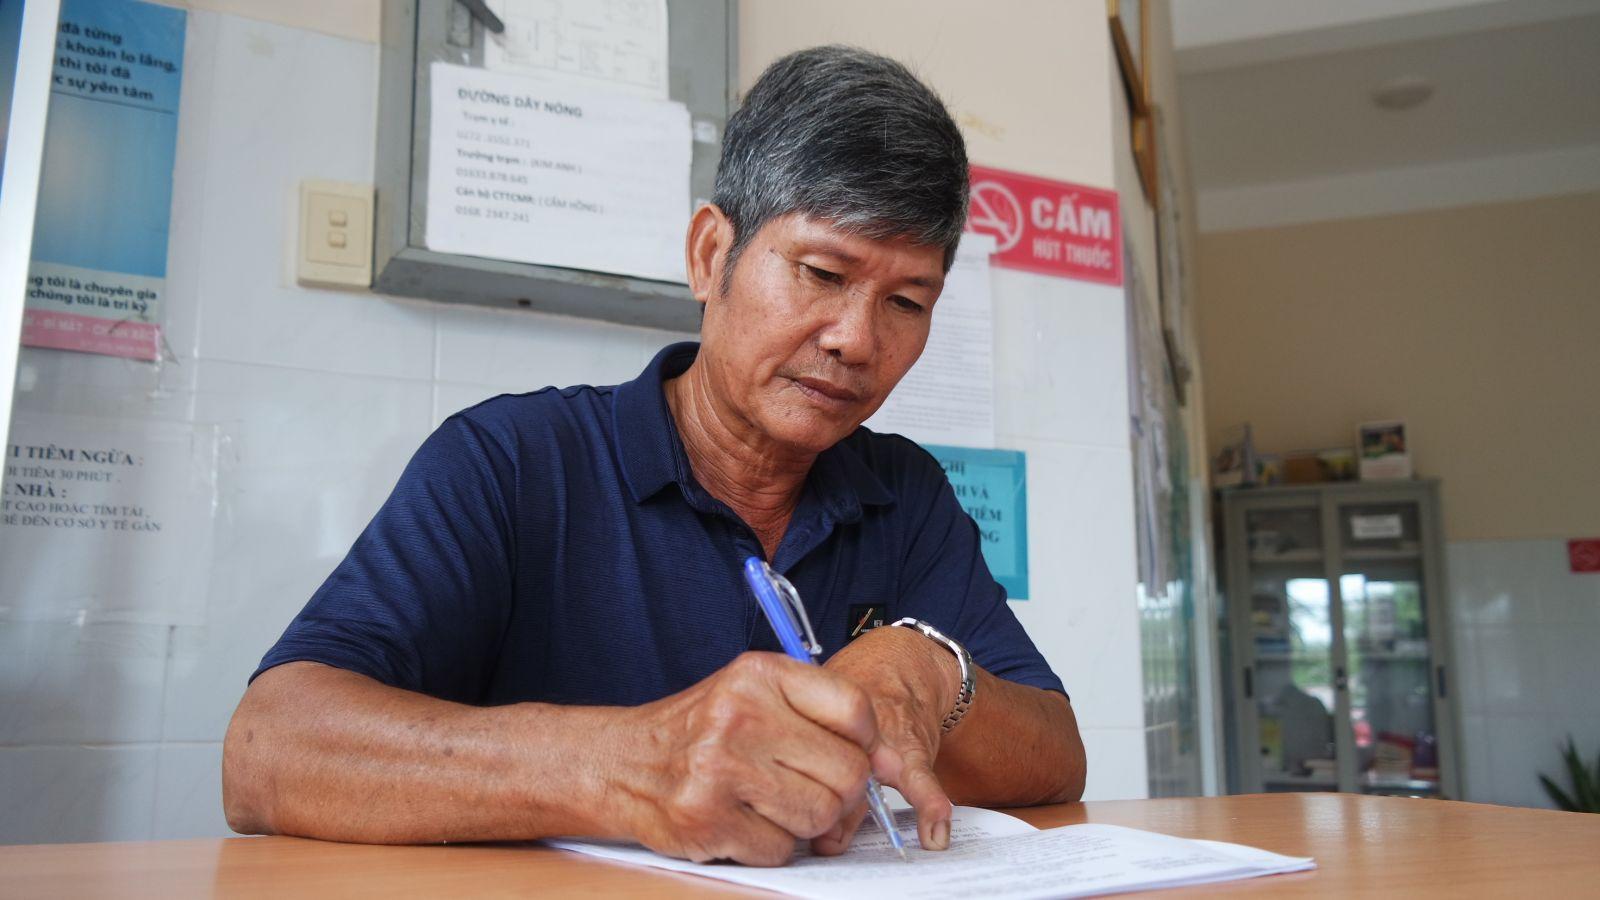 Nhờ có uy tín, sự nhiệt tình nên ông Nguyễn Văn Lâm được nhiều người dân tin tưởng